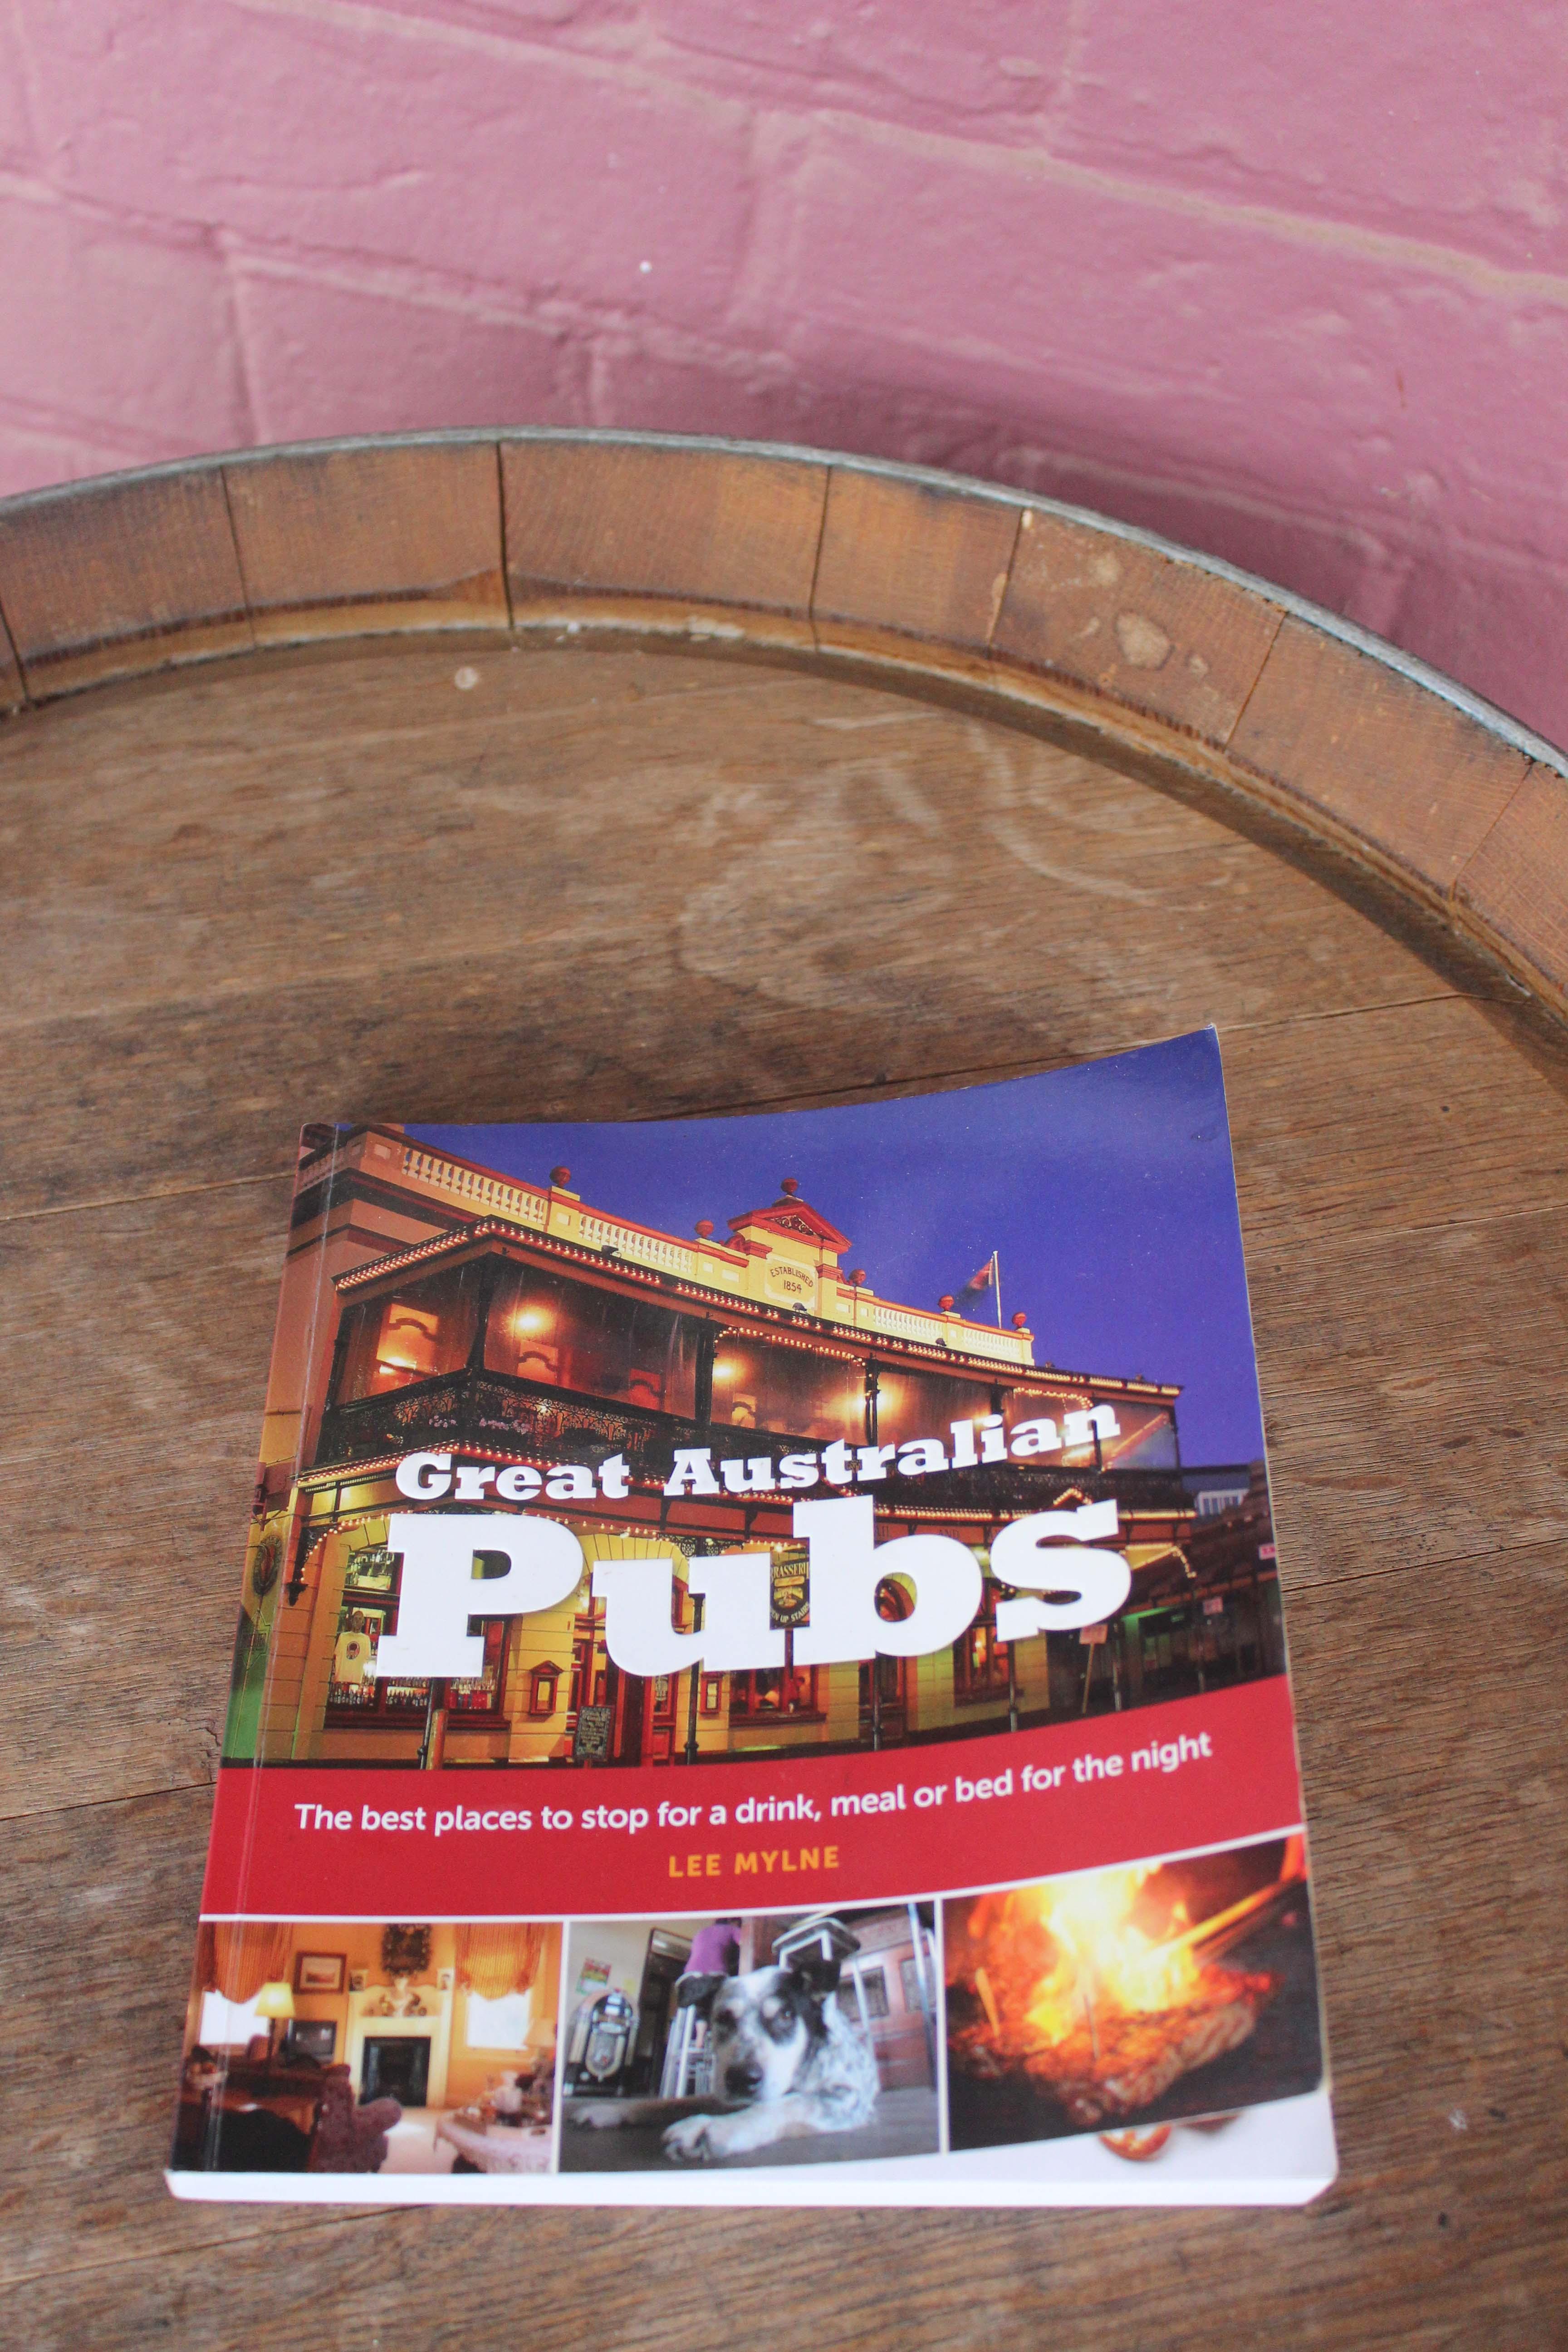 8. Great Australian Pubs